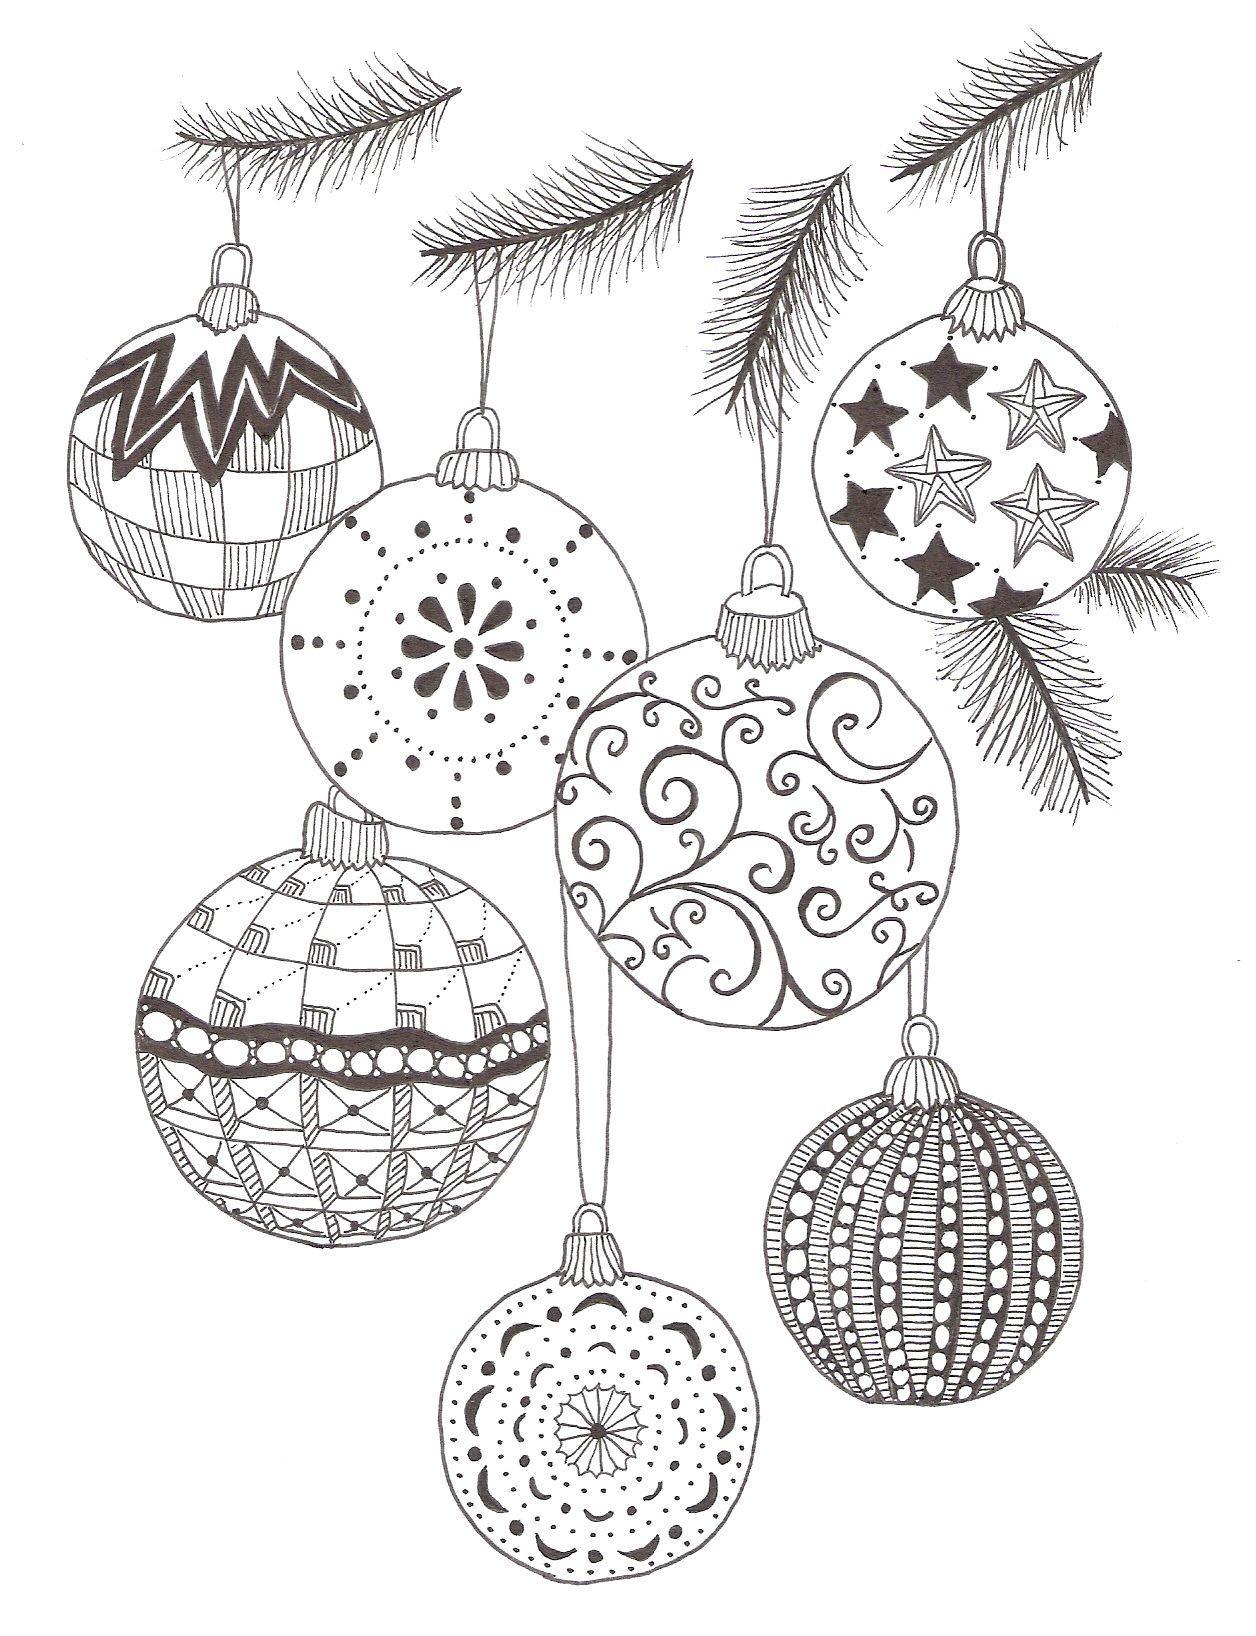 раскраска новогодние шары разных размеров мелкие большие